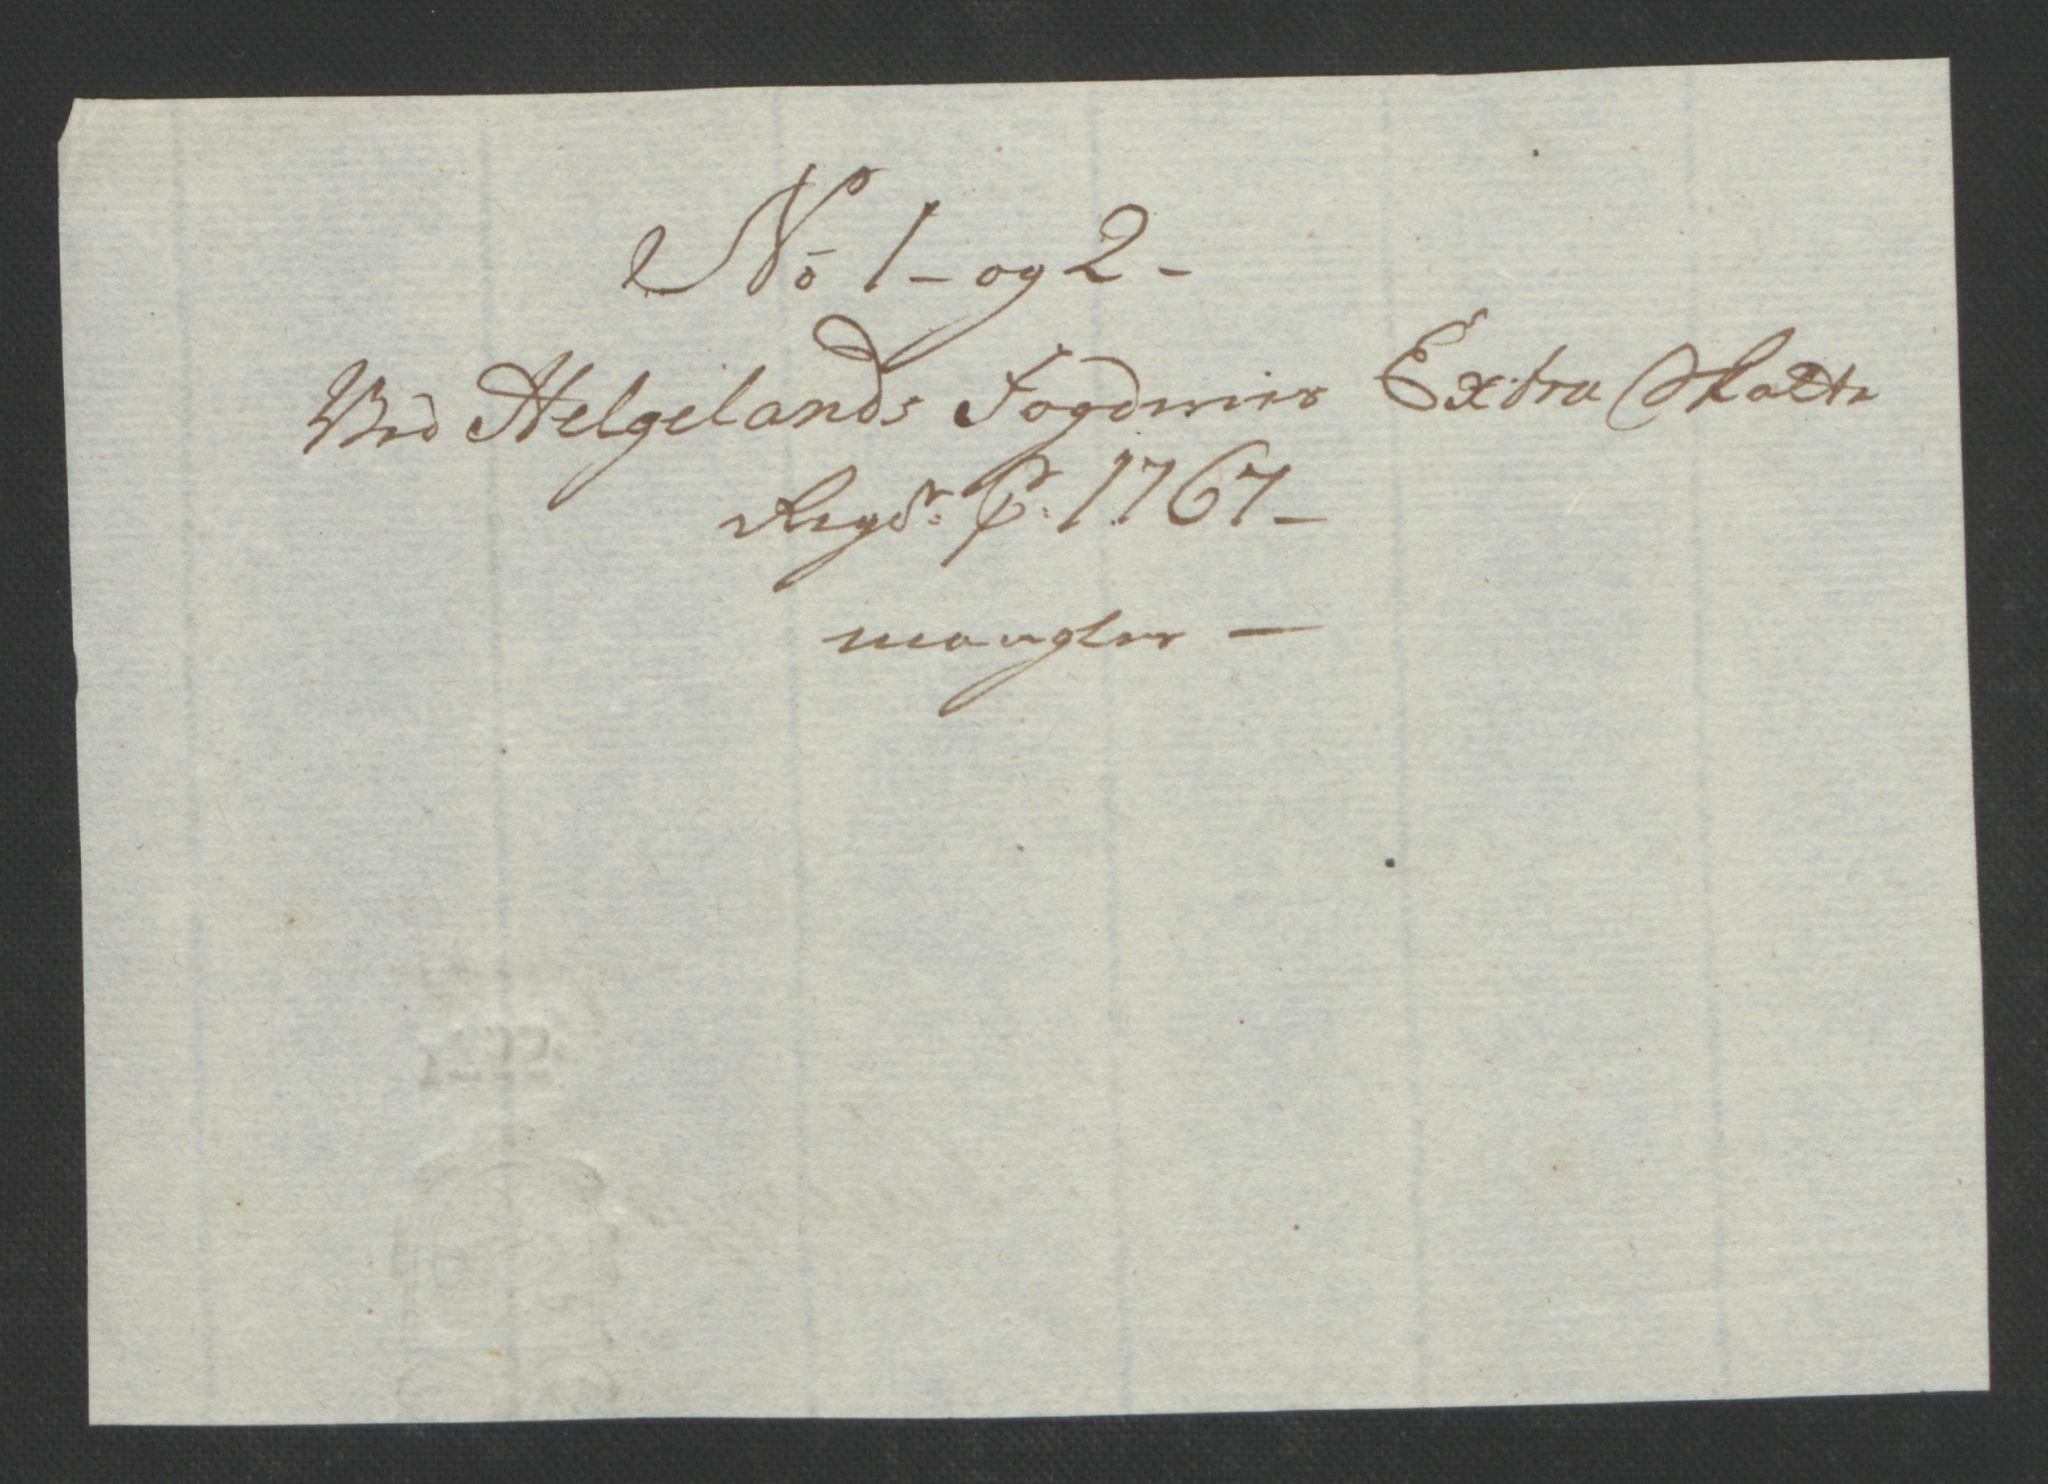 RA, Rentekammeret inntil 1814, Reviderte regnskaper, Fogderegnskap, R65/L4573: Ekstraskatten Helgeland, 1762-1772, s. 152